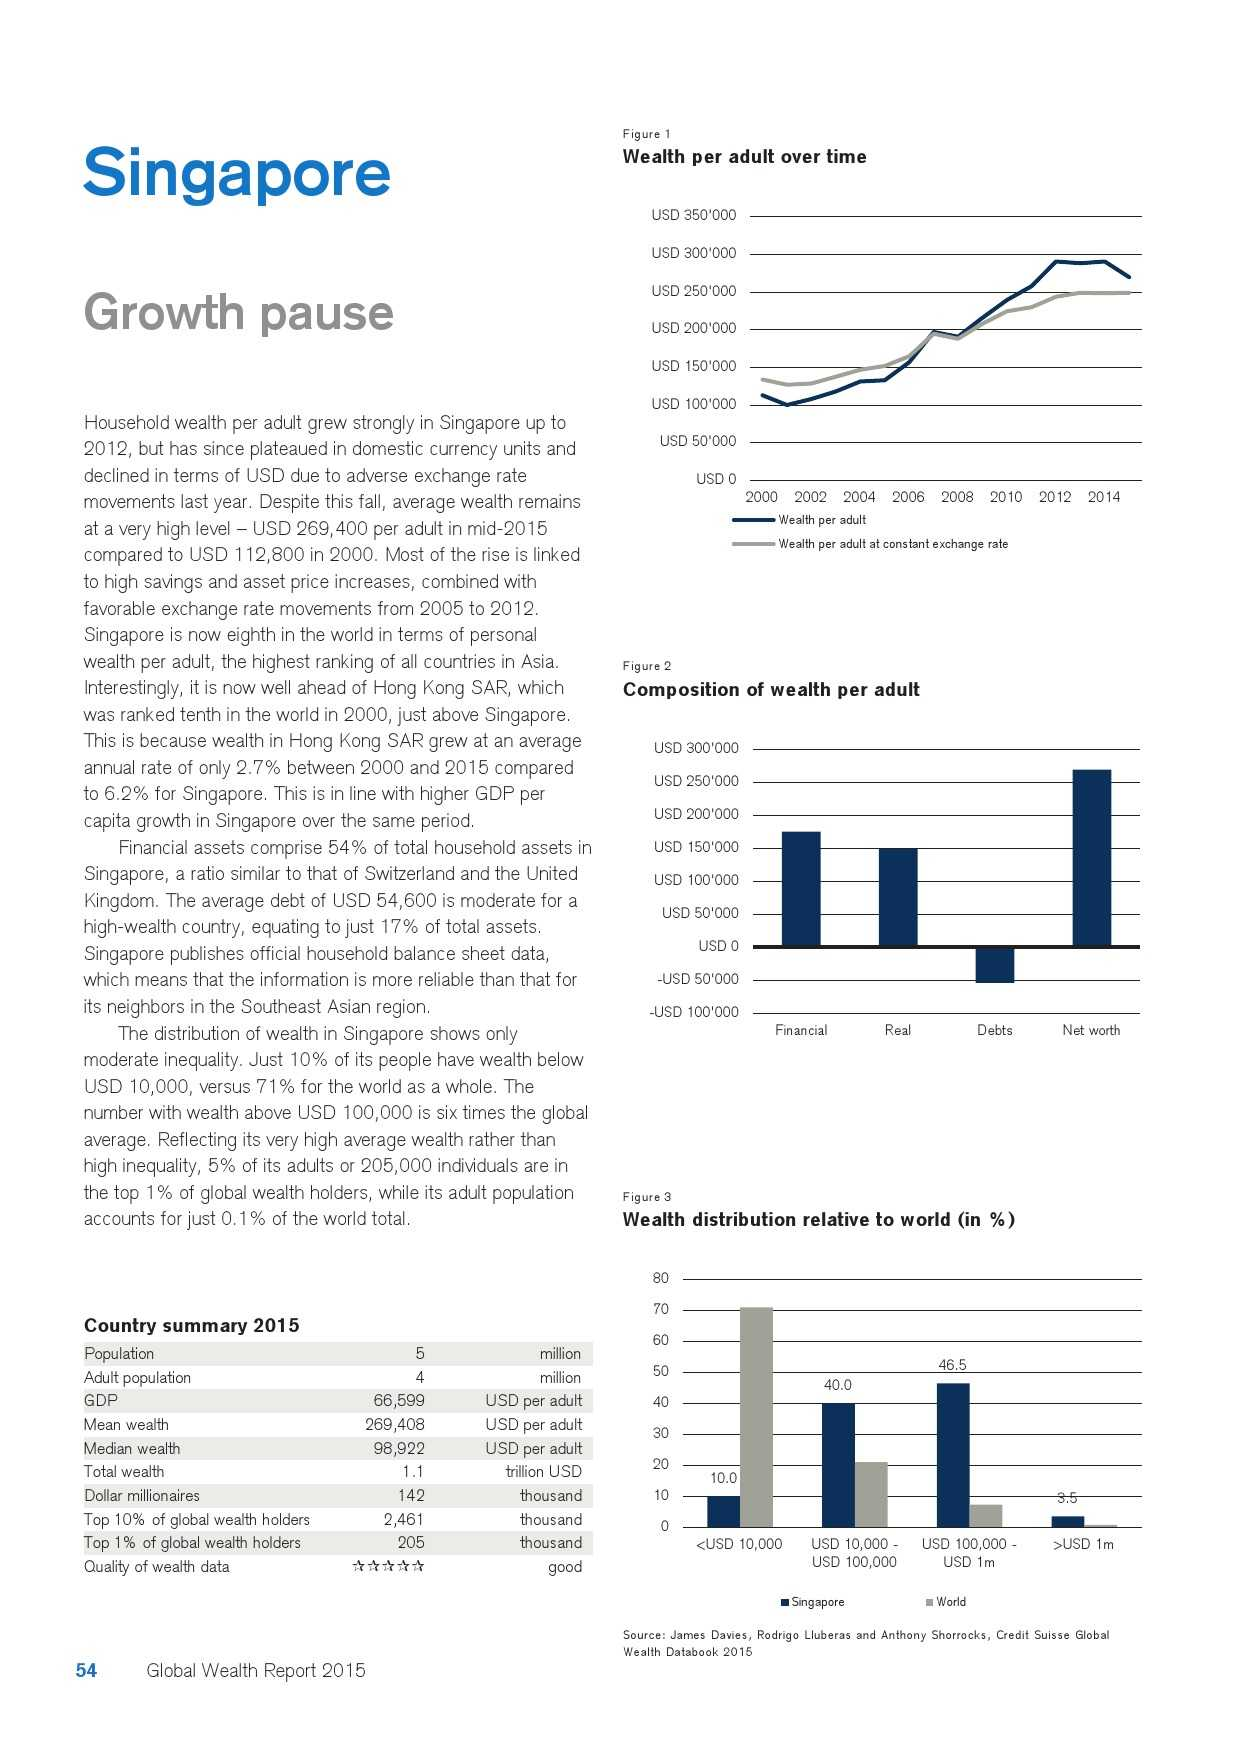 瑞士信贷:2015年全球财富报告_000054